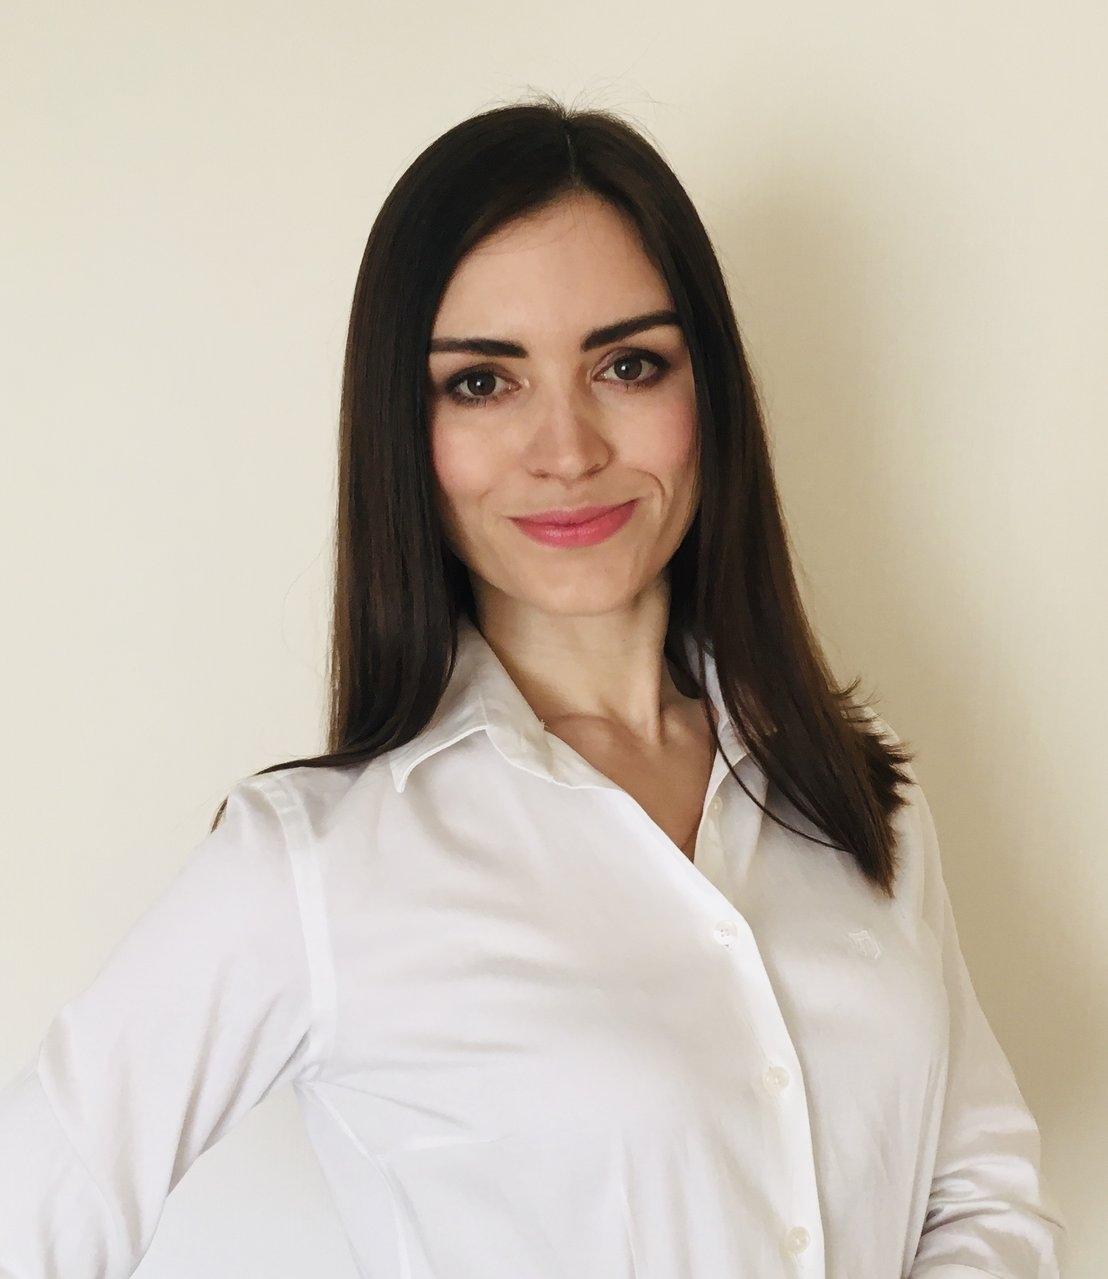 У Києві пройде Nobilitet 2020: науковий лекторій з Нобелівських нагород - фото №1